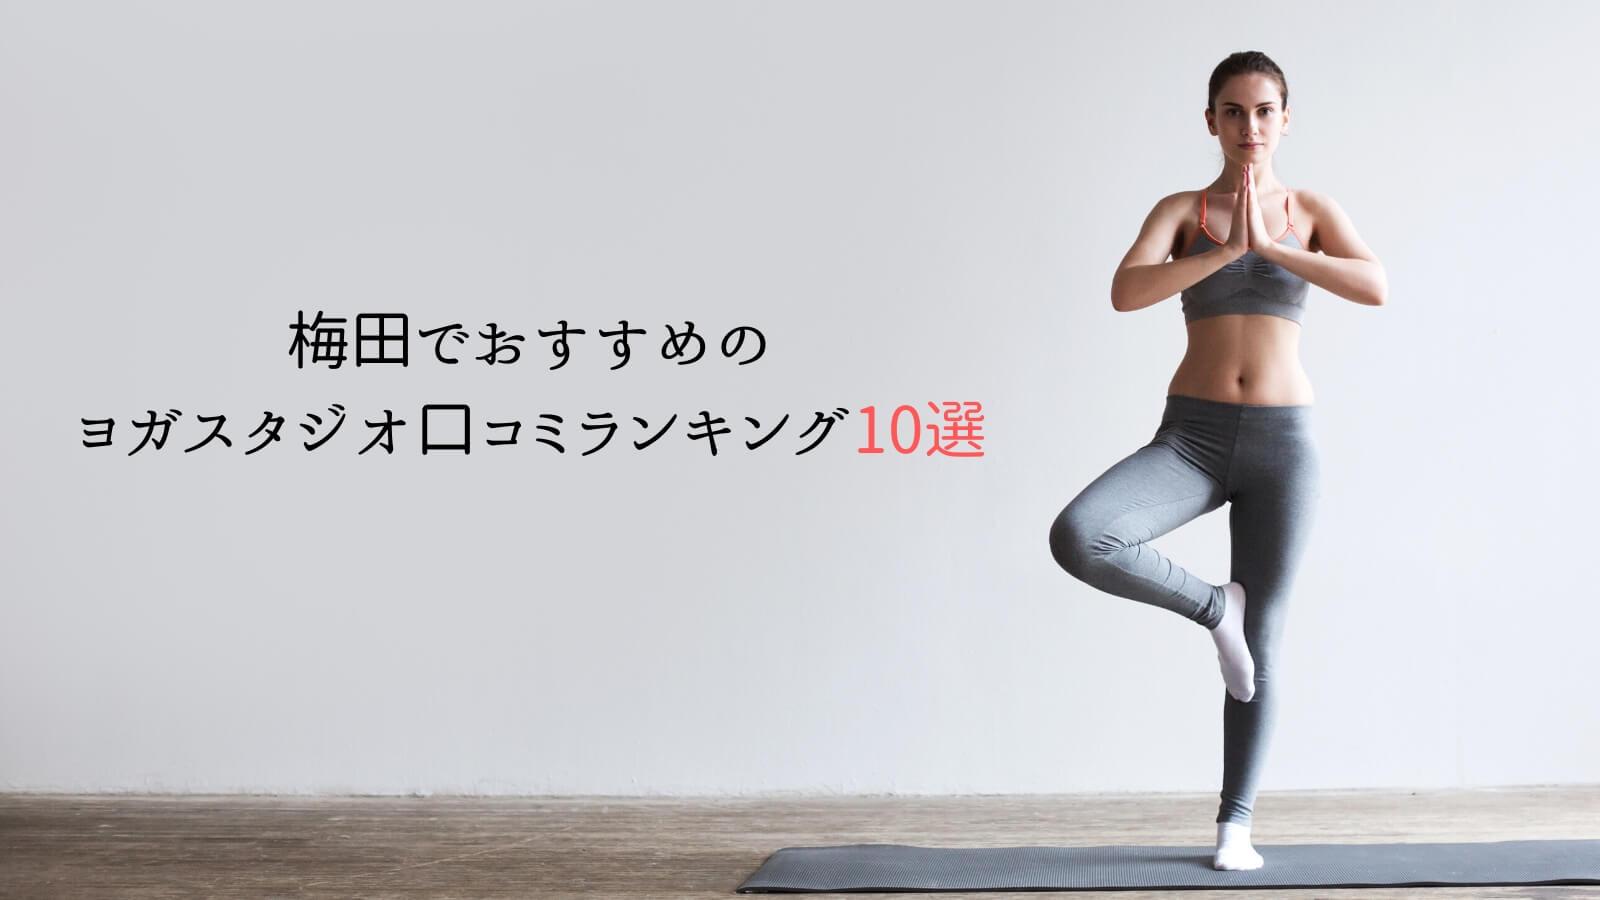 梅田おすすめヨガスタジオランキング10選